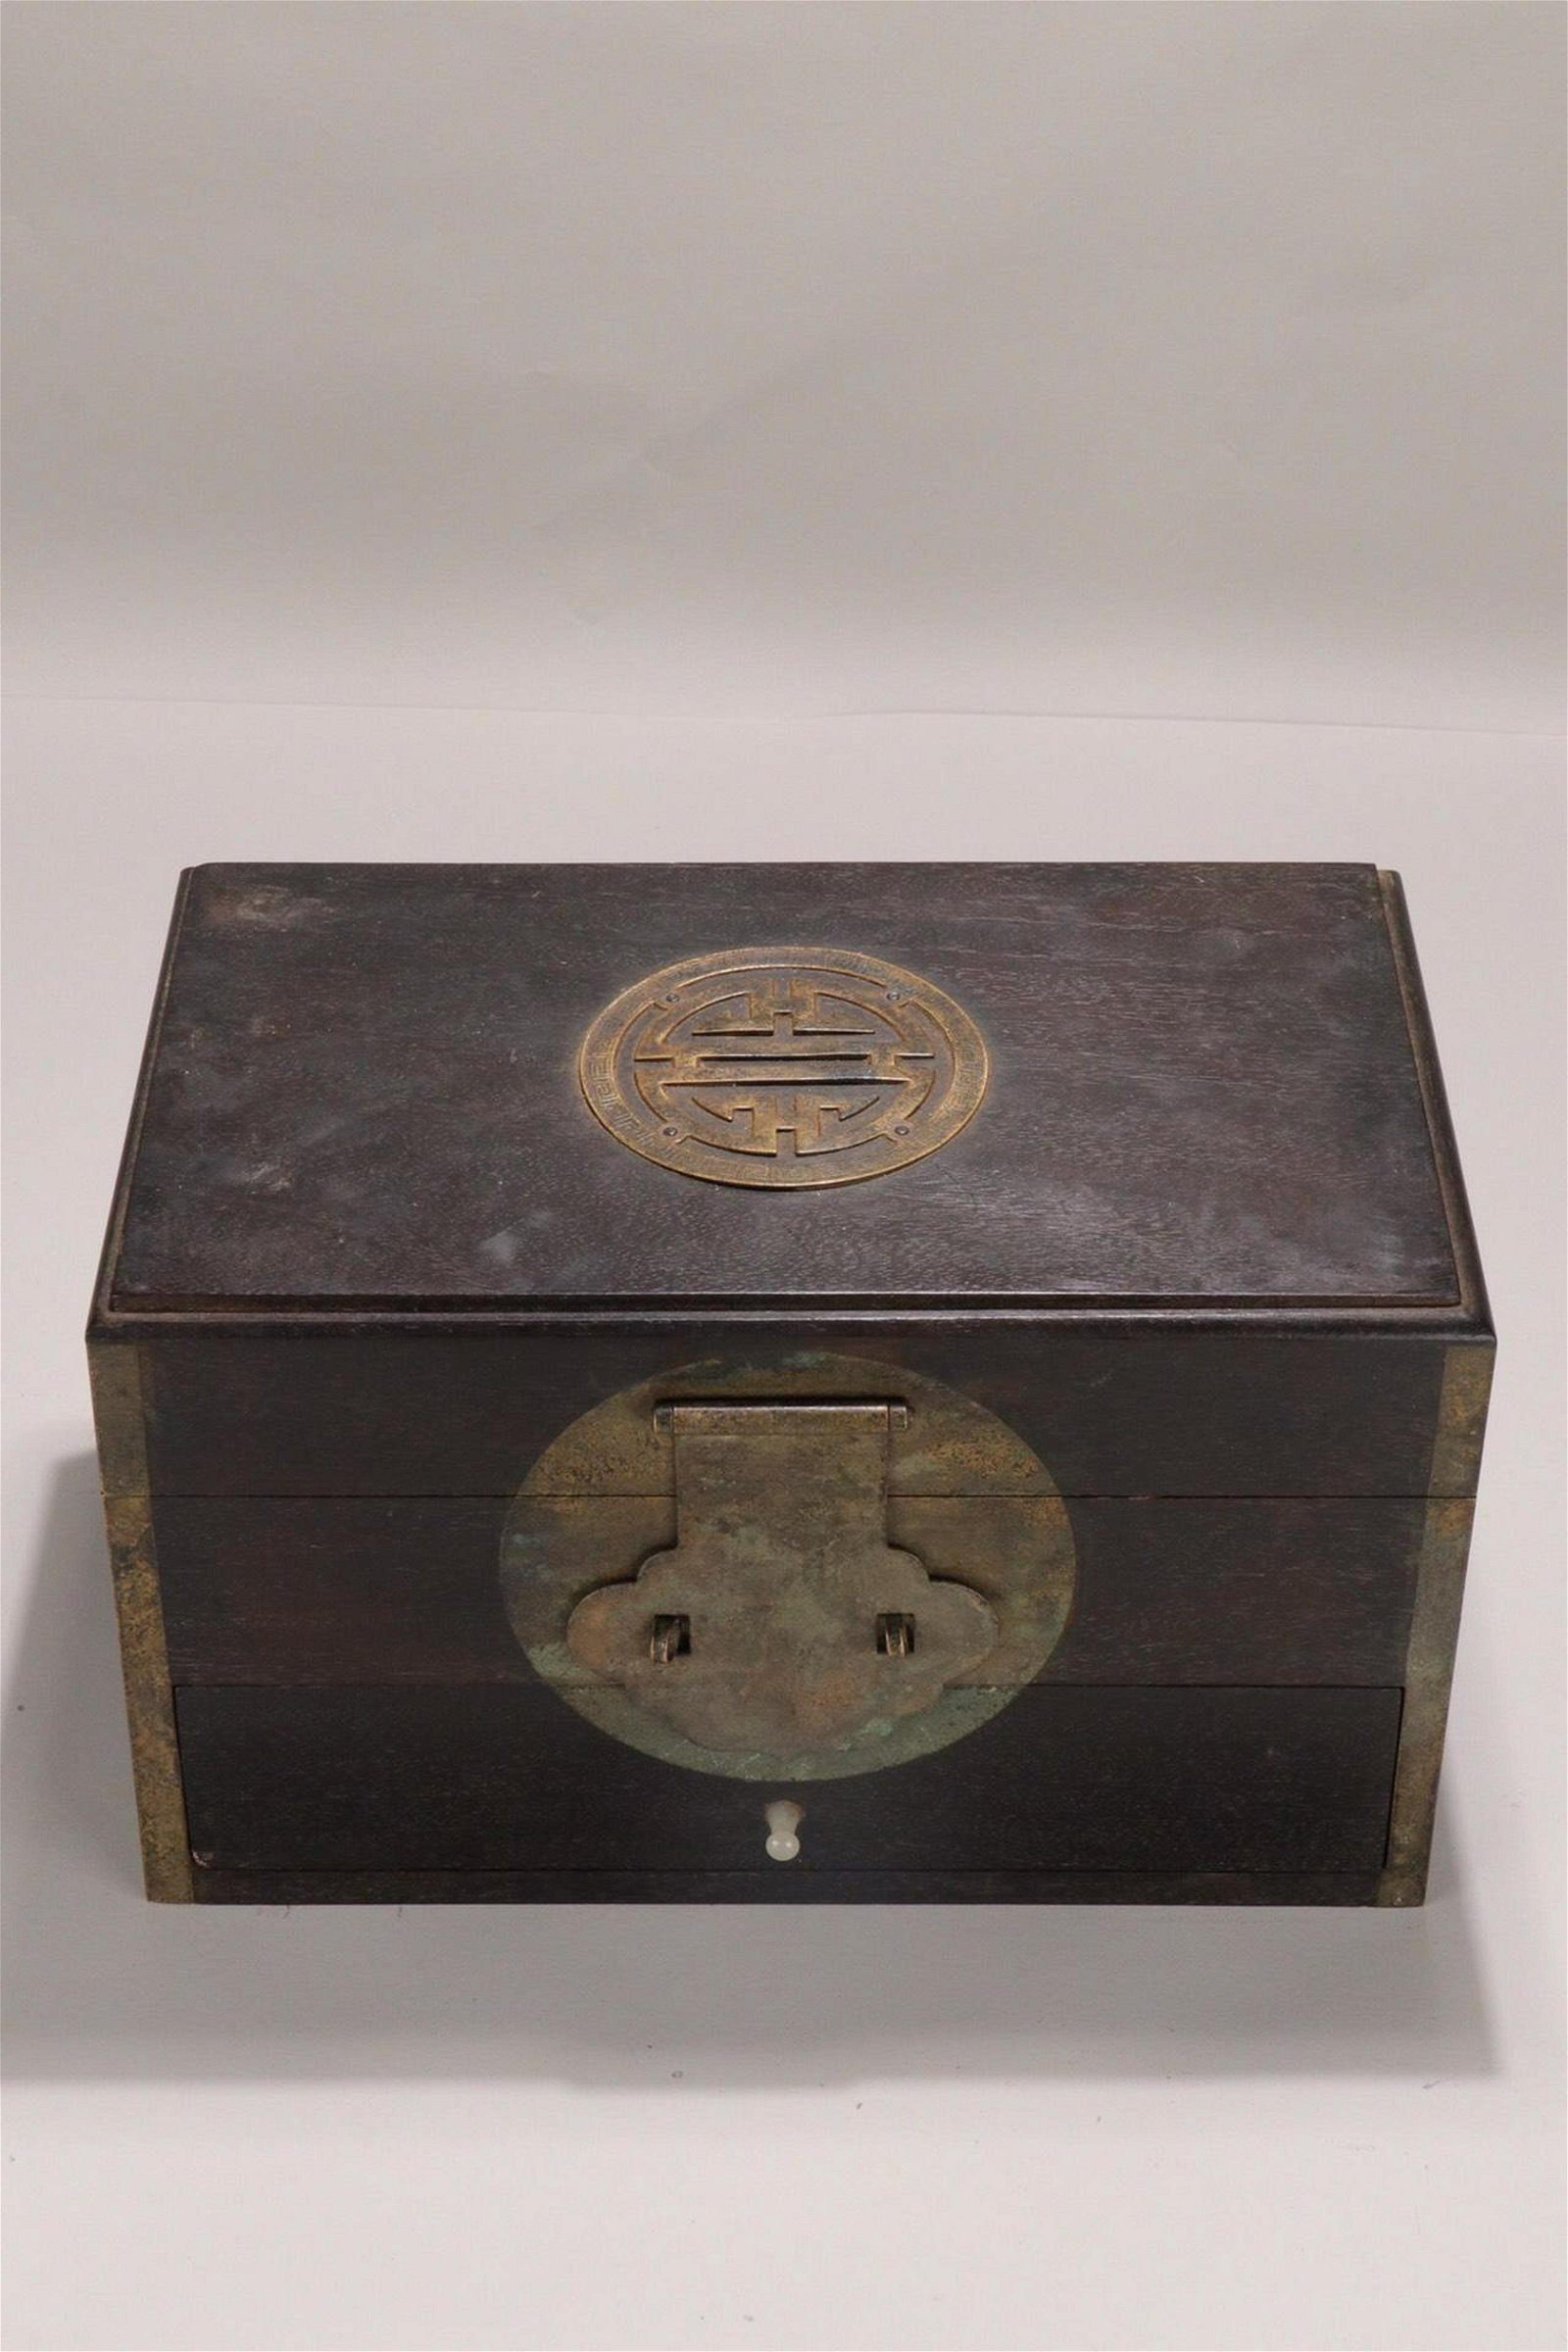 A ZITAN EMBEDED BRONZE JEWELRY BOX